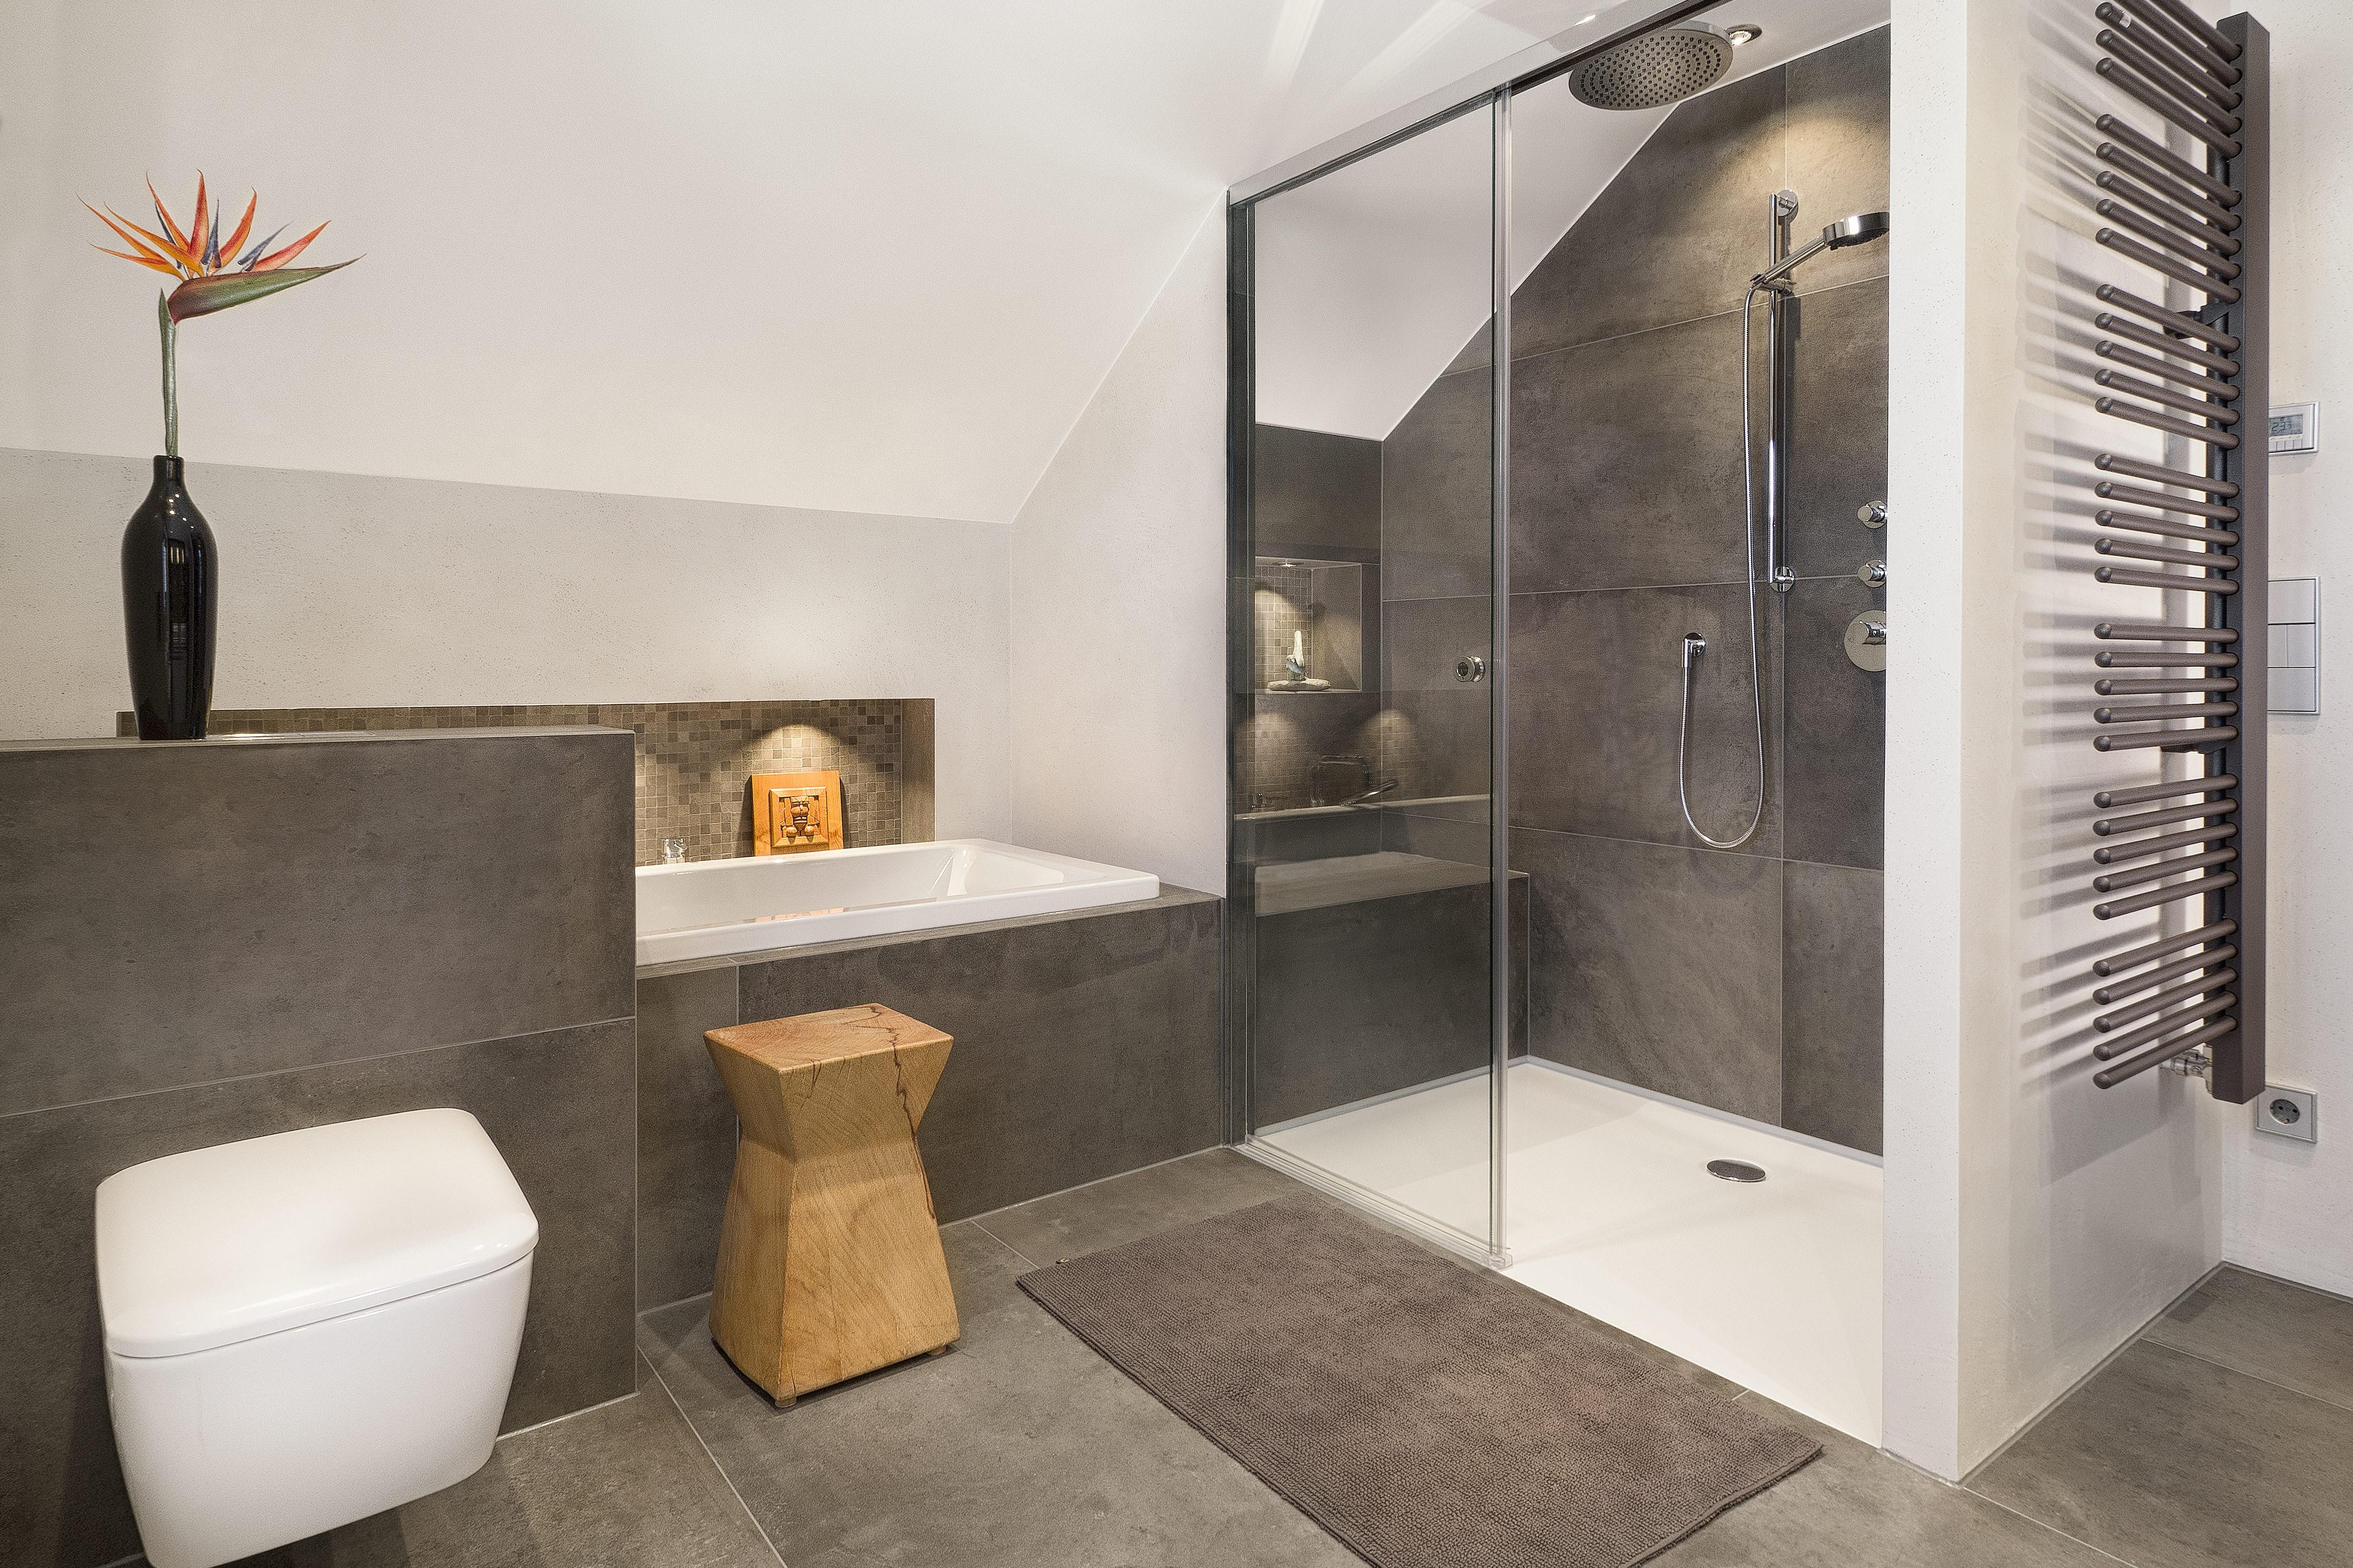 Hier Finden Sie Bilder Von Weiteren Von Uns Geplanten Und Realisierten  Badezimmern. Zum Vergrößern Bitte Auf Das Entsprechende Bild Klicken.